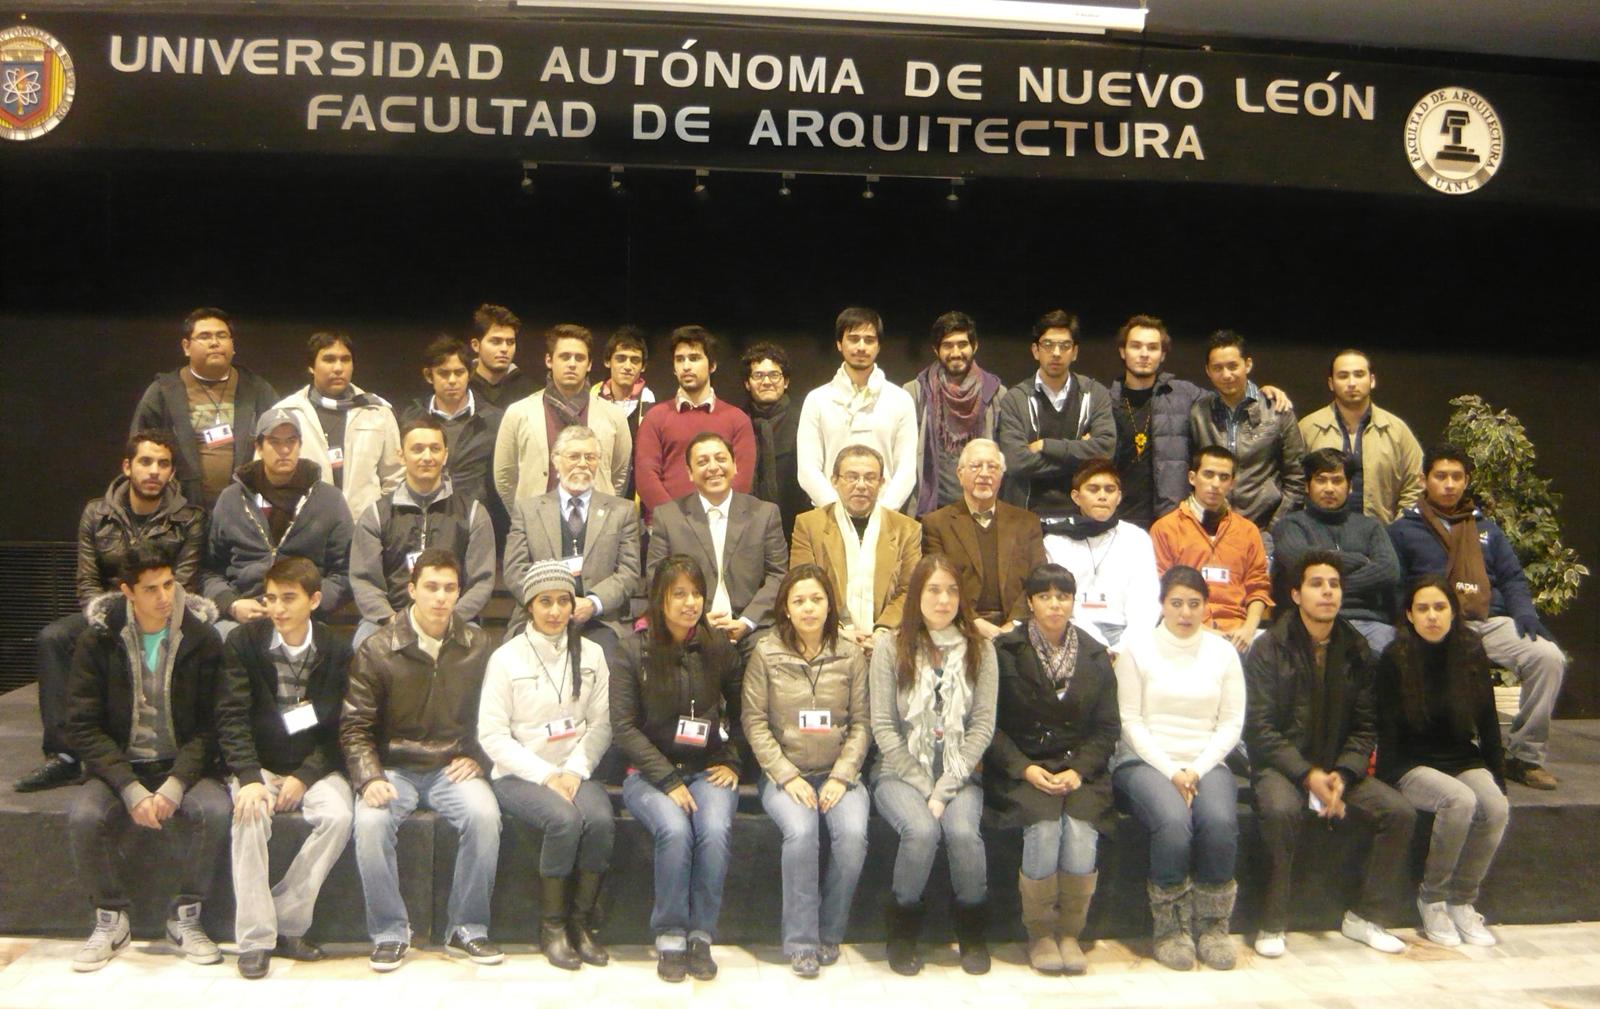 Realiza encuentro regional de estudiantes de arquitectura